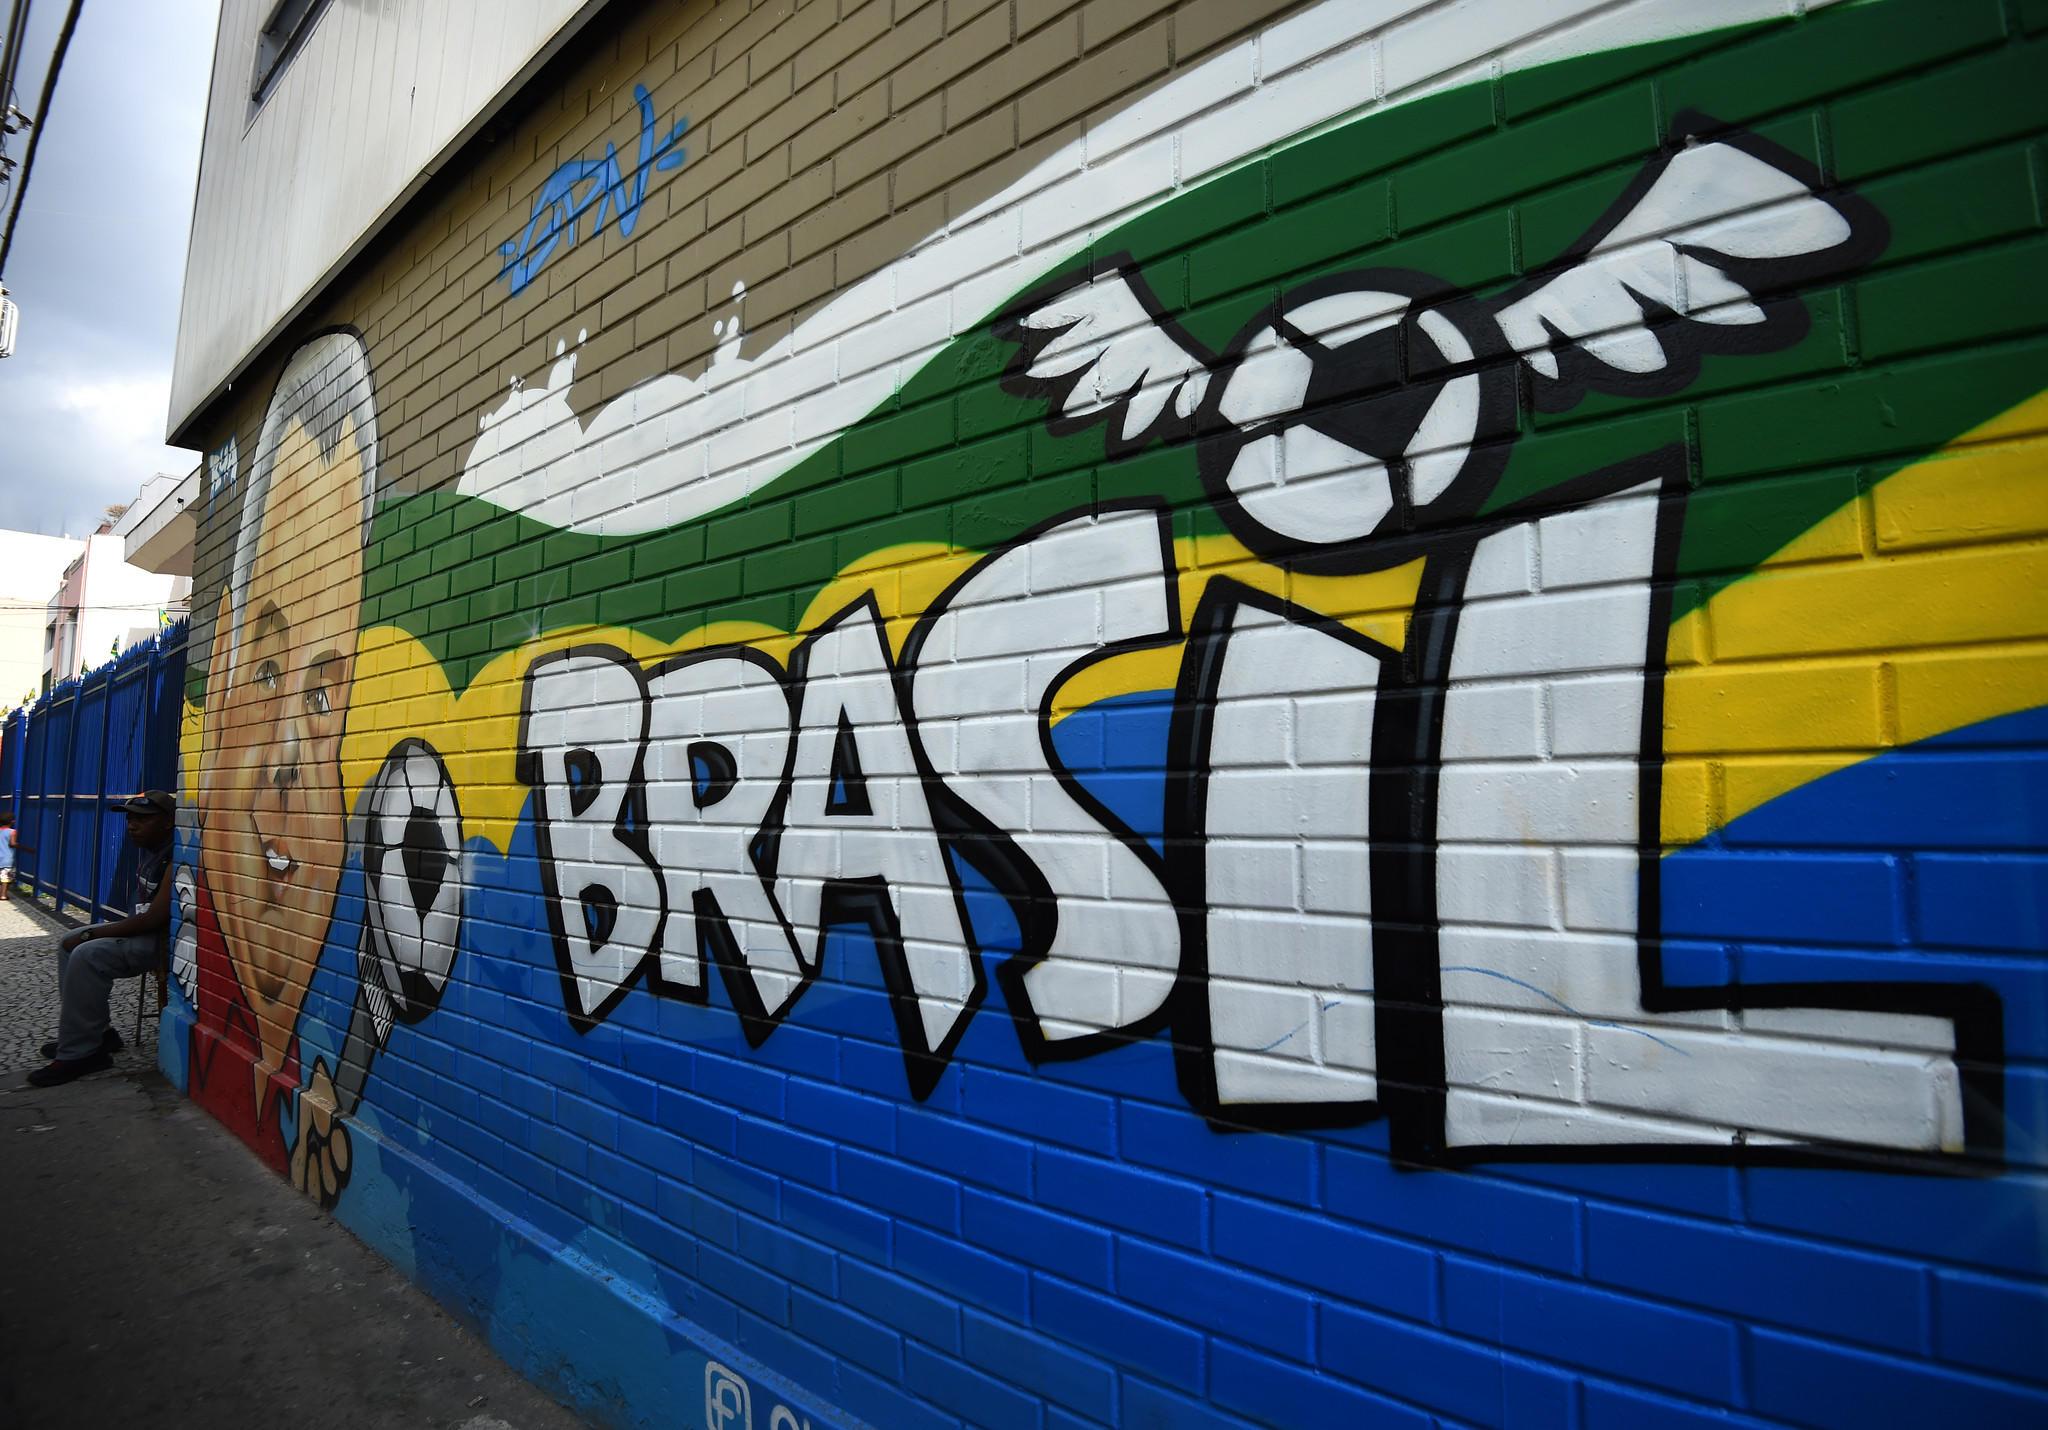 A wall murall seen in the street Rua Pereira Nunes on June 11, 2014 in Rio de Janeiro.